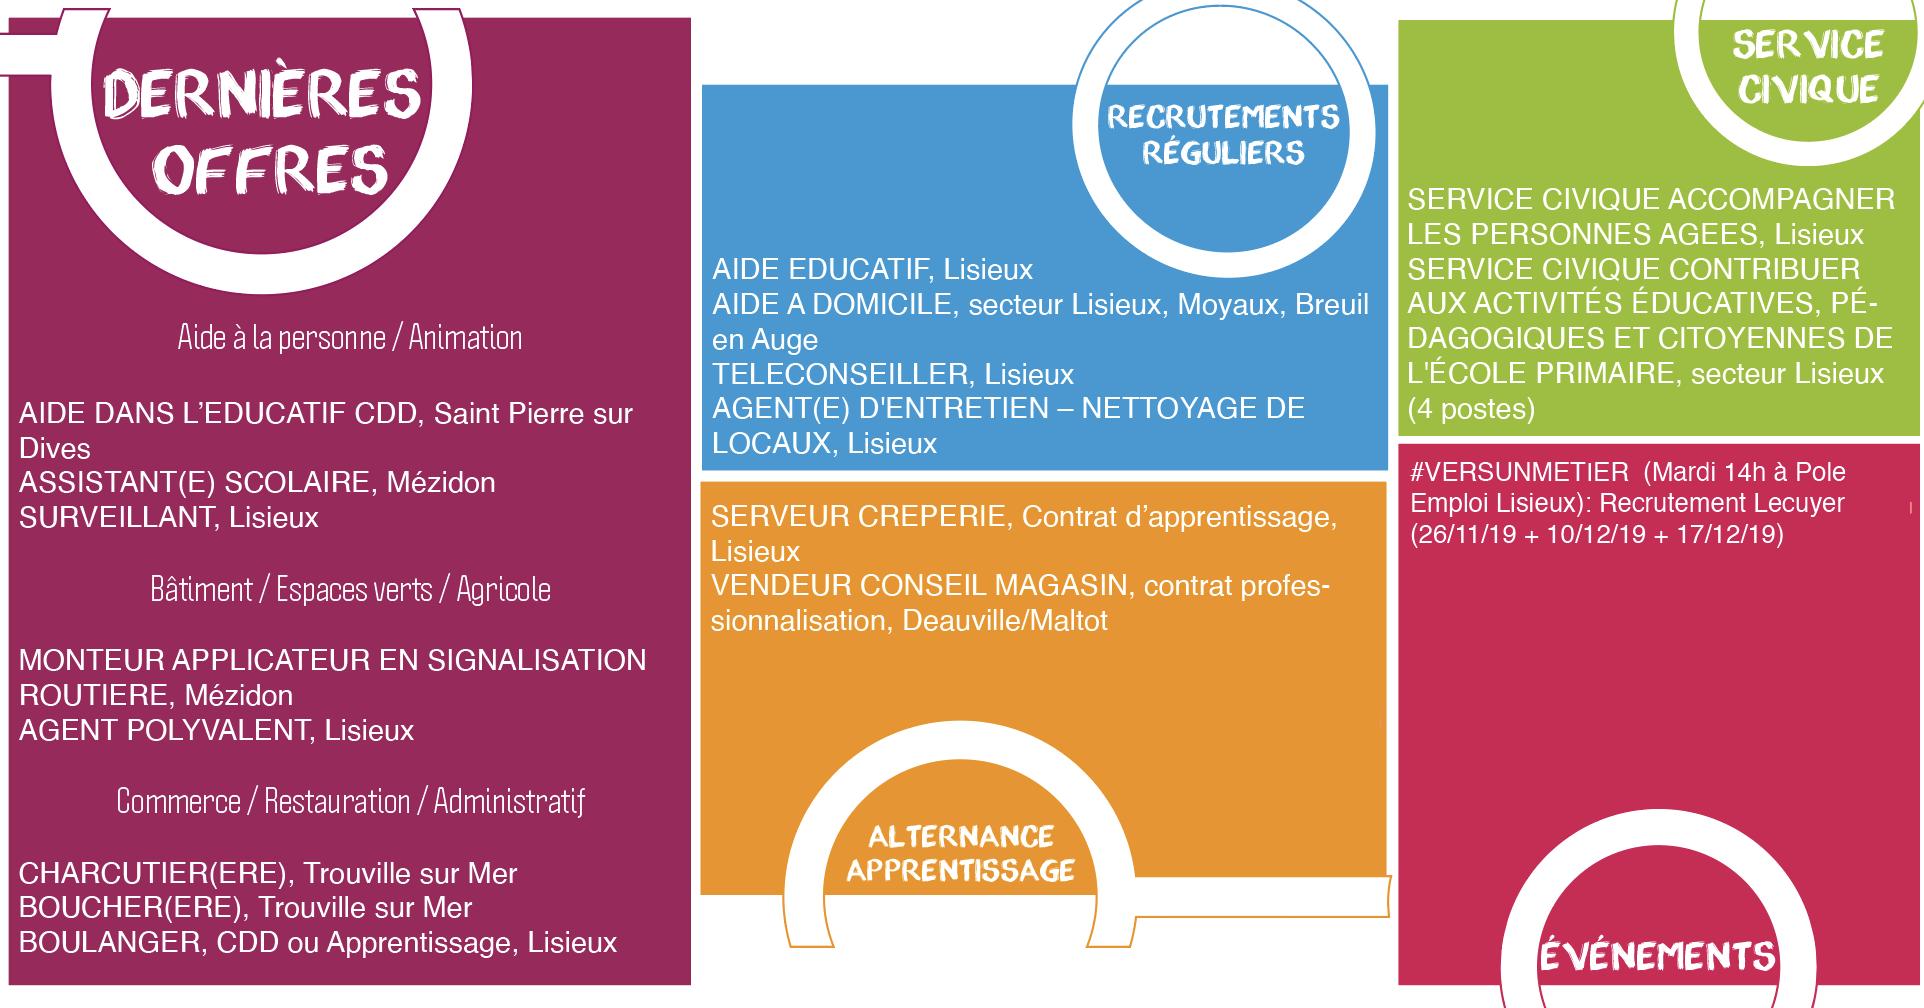 Offres d'emploi sur le Facebook de la Mission Locale Lisieux Normandie